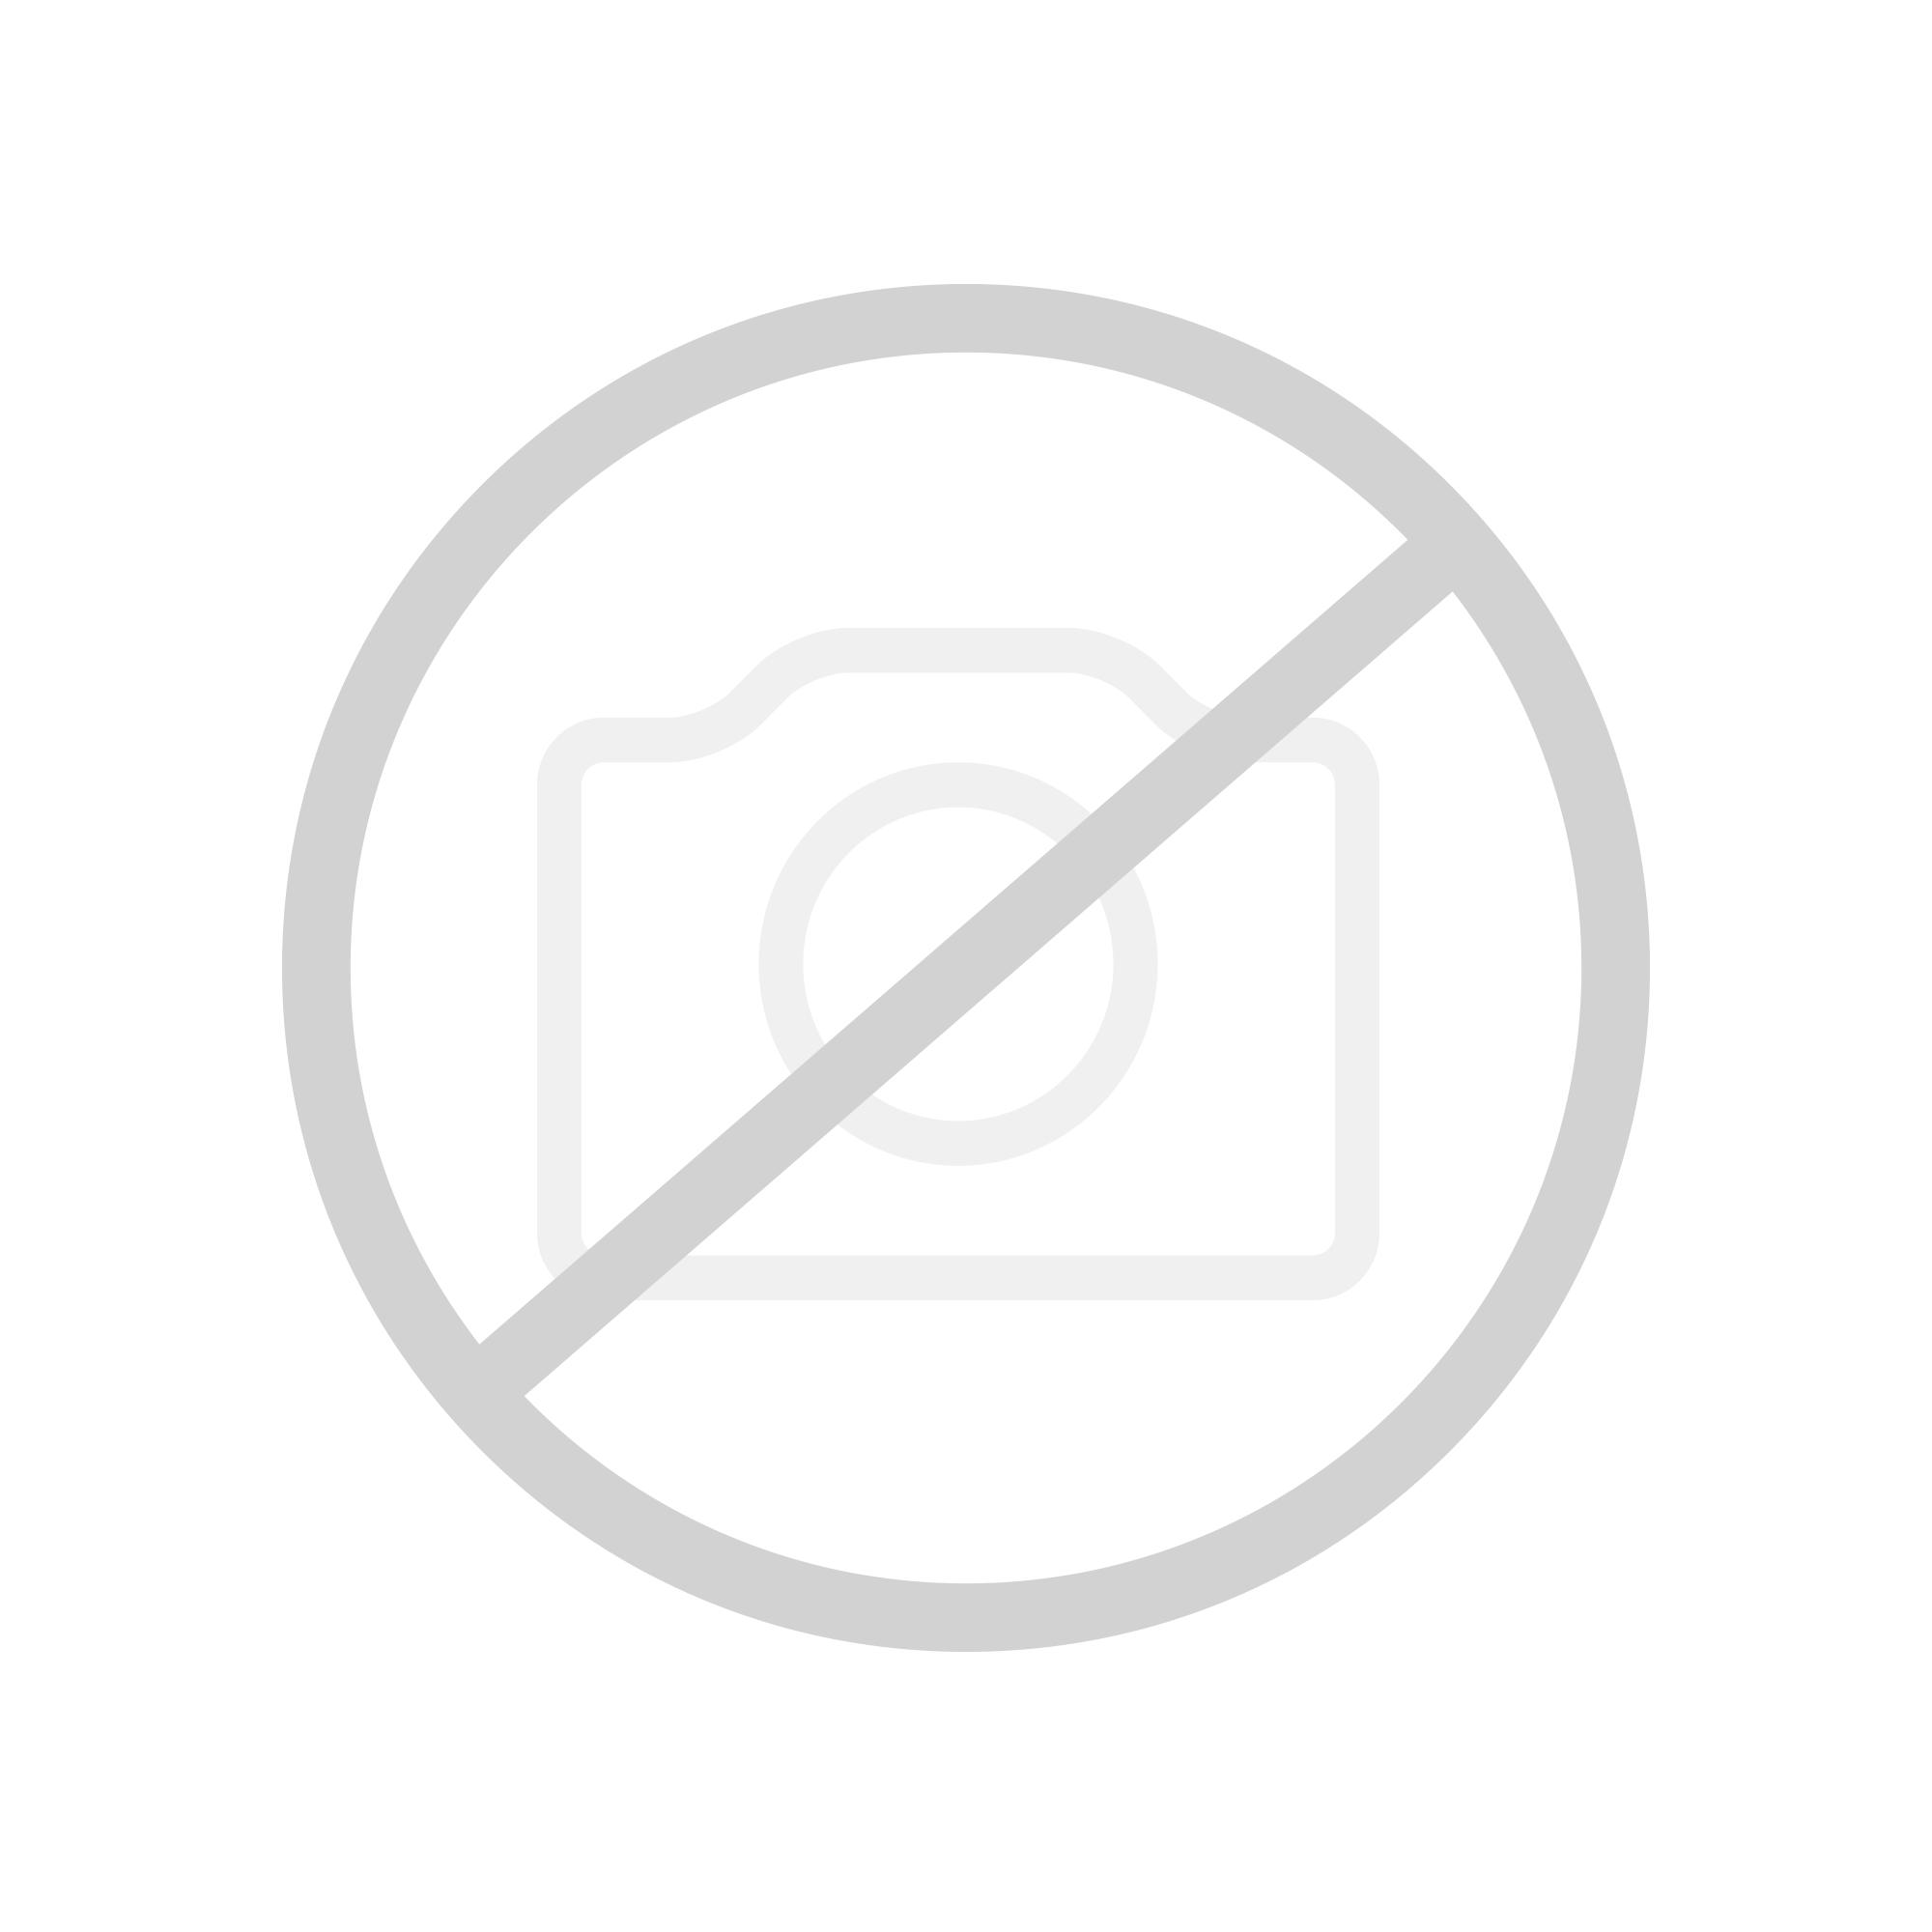 emco online shop outlet ladenzeile unterputz wc. Black Bedroom Furniture Sets. Home Design Ideas